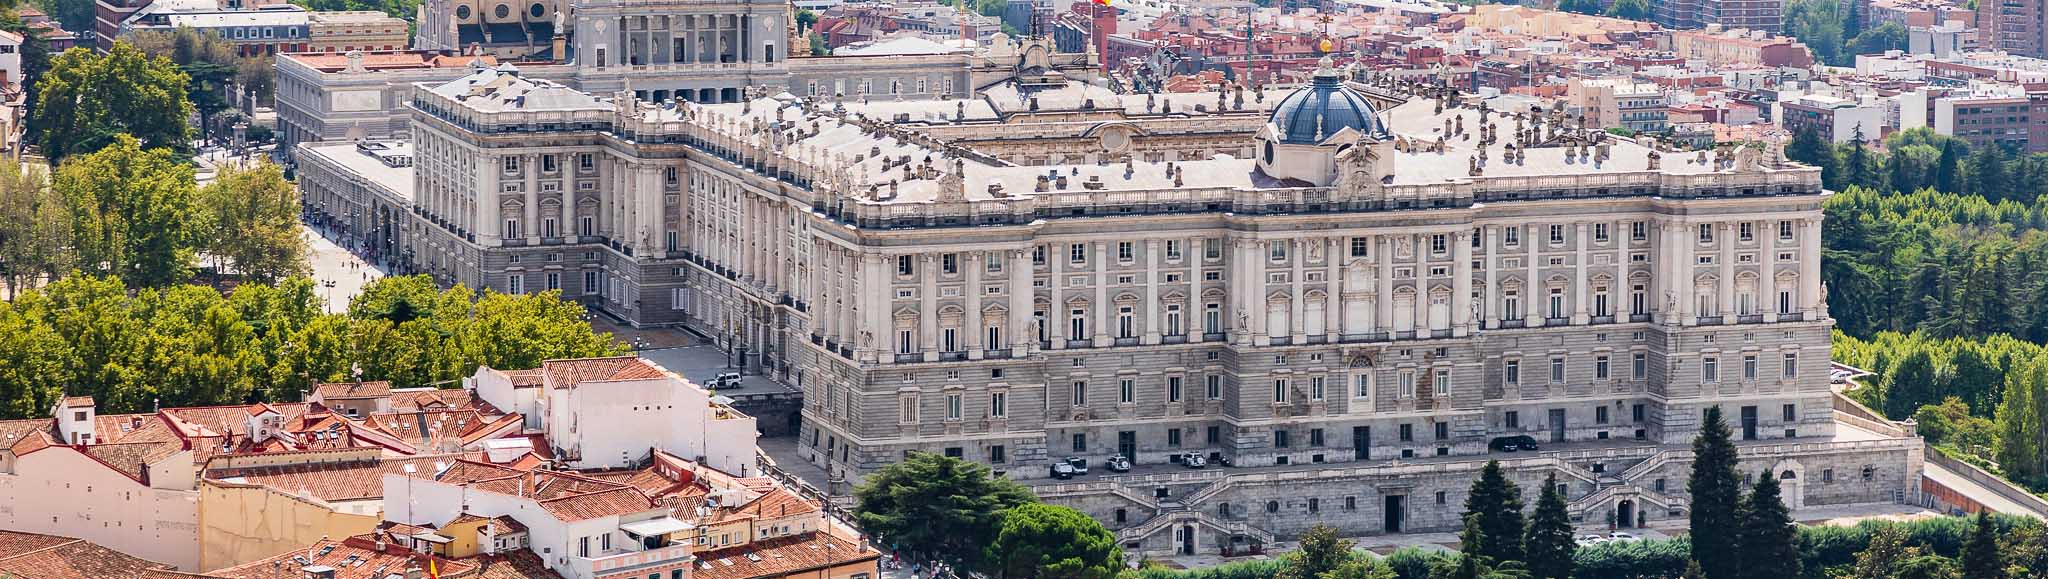 Королевский дворец — достопримечательность Мадрида